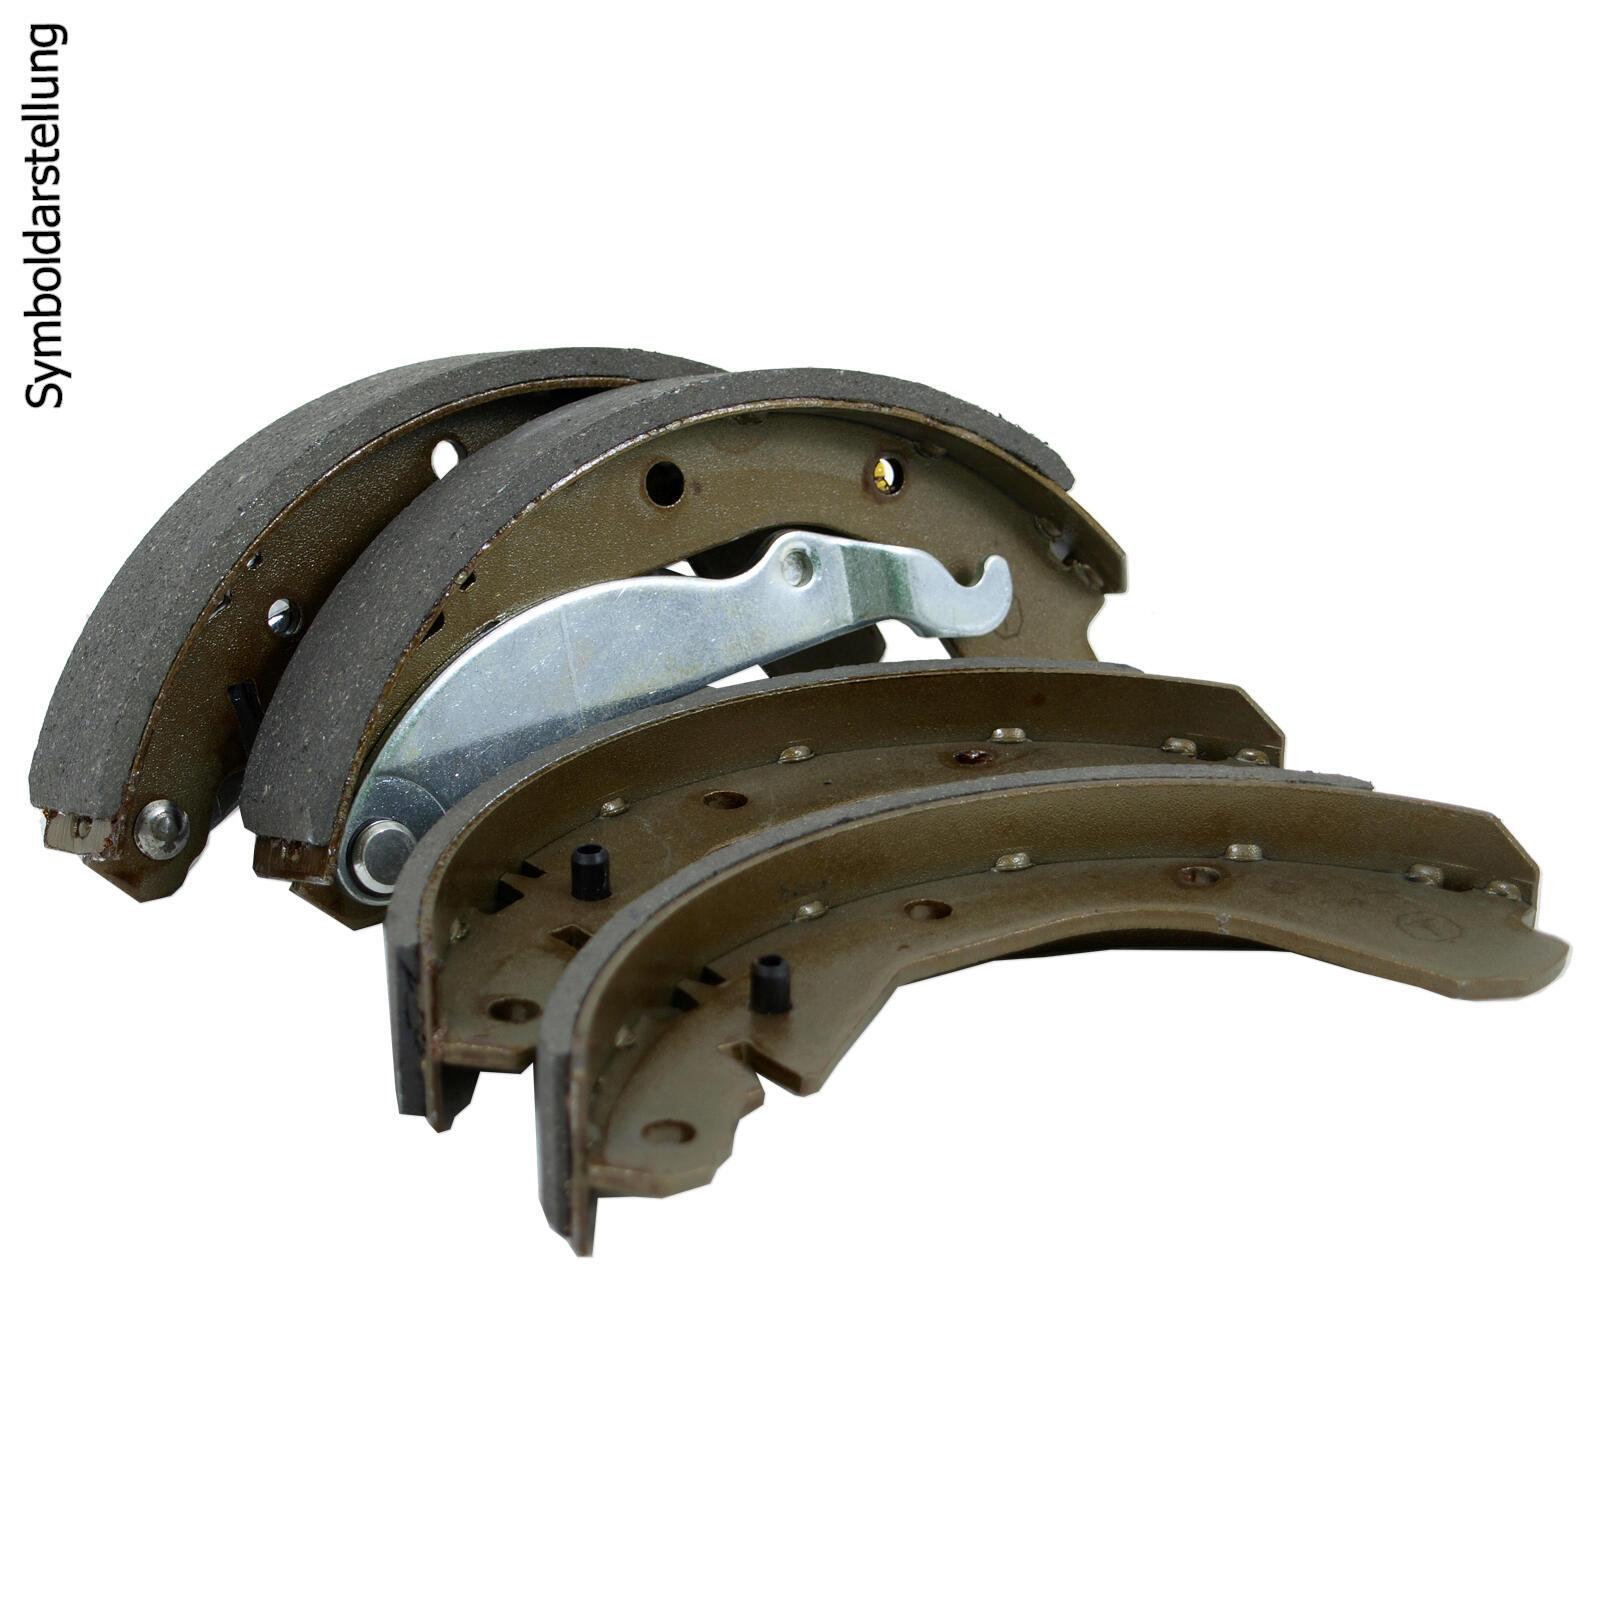 BREMSTROMMELN 228,3mm + BREMSBACKEN + RADBREMSZYLINDER + MONTAGESATZ